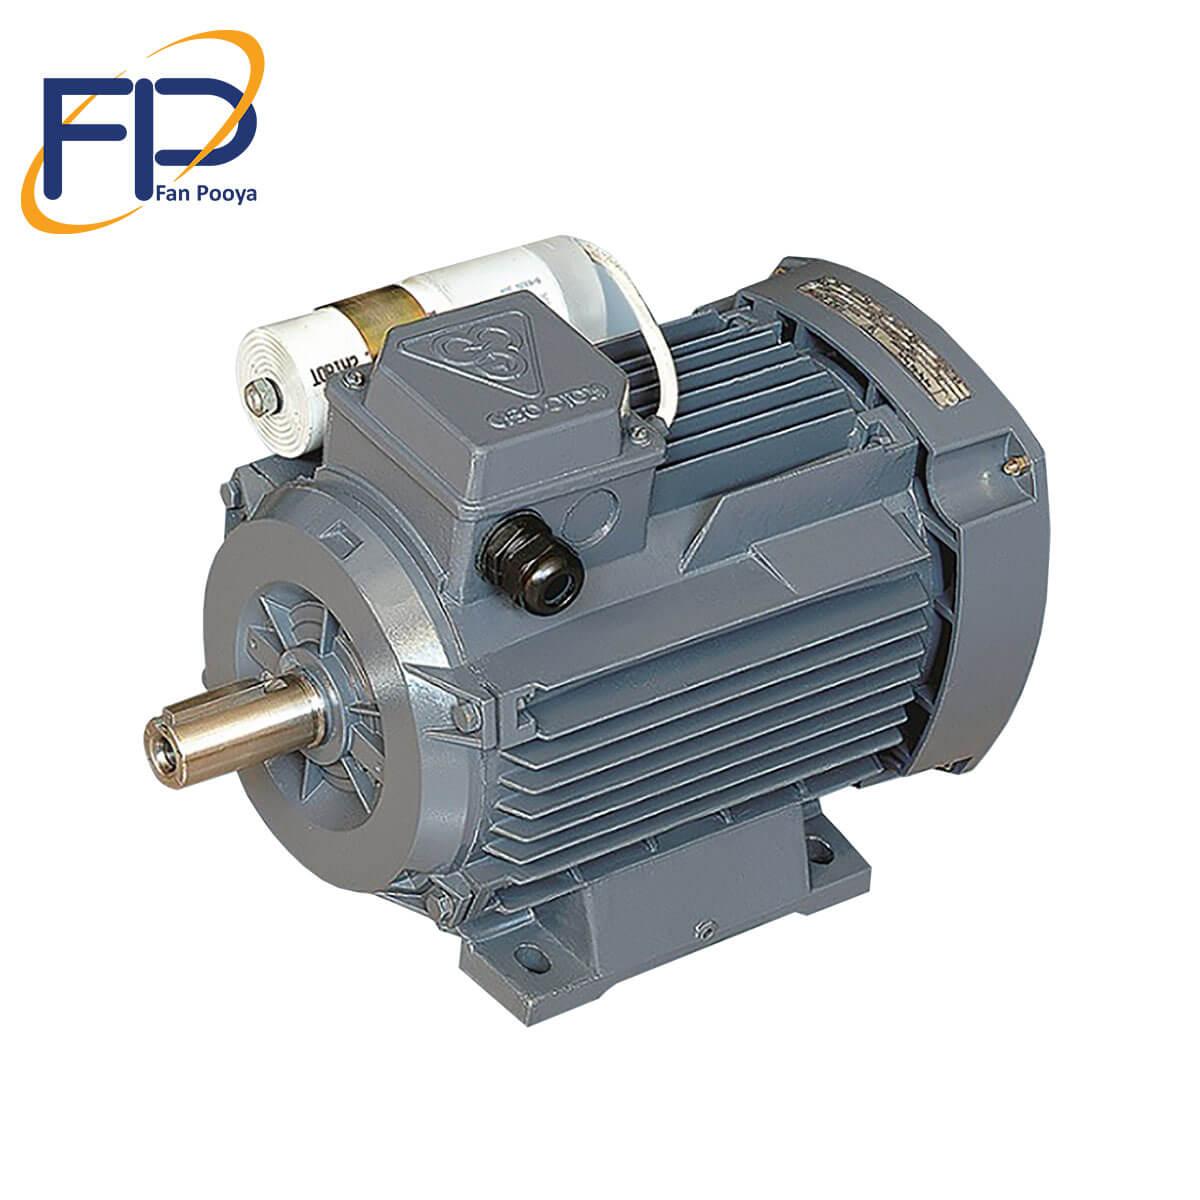 الکتروموتورموتوژن خازن داردائم(CR)بافرم آلومینیومی قدرت1.5kw کیلو وات 3000دور